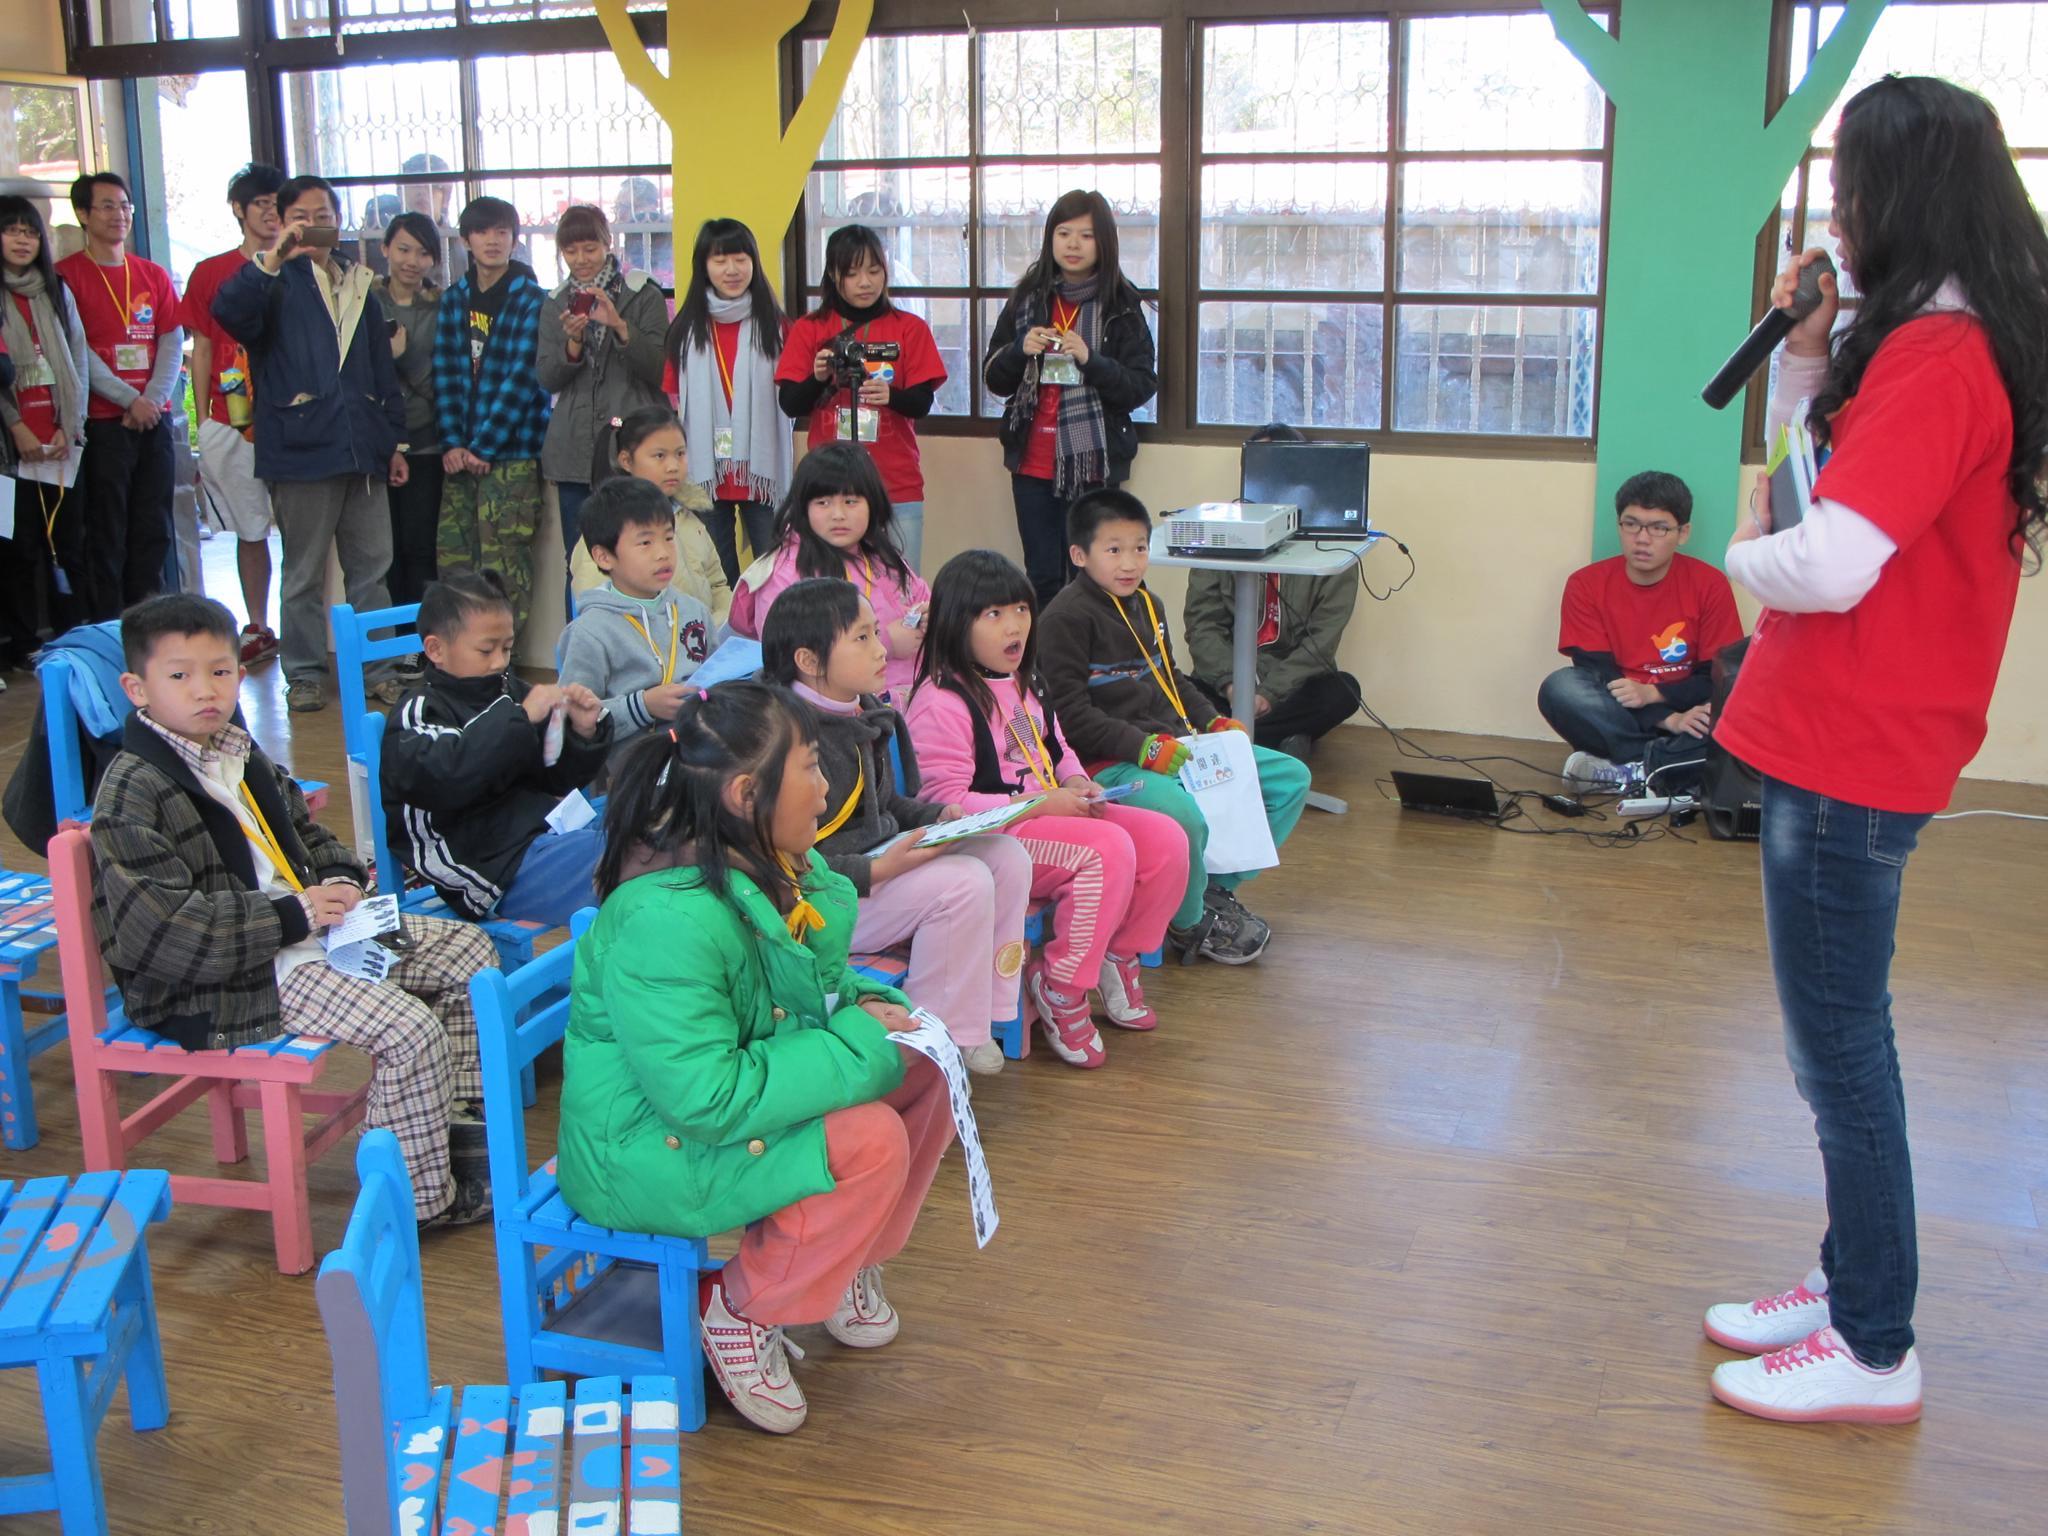 散播希望的種子 大學生為原住民孩童打造「故事堡」